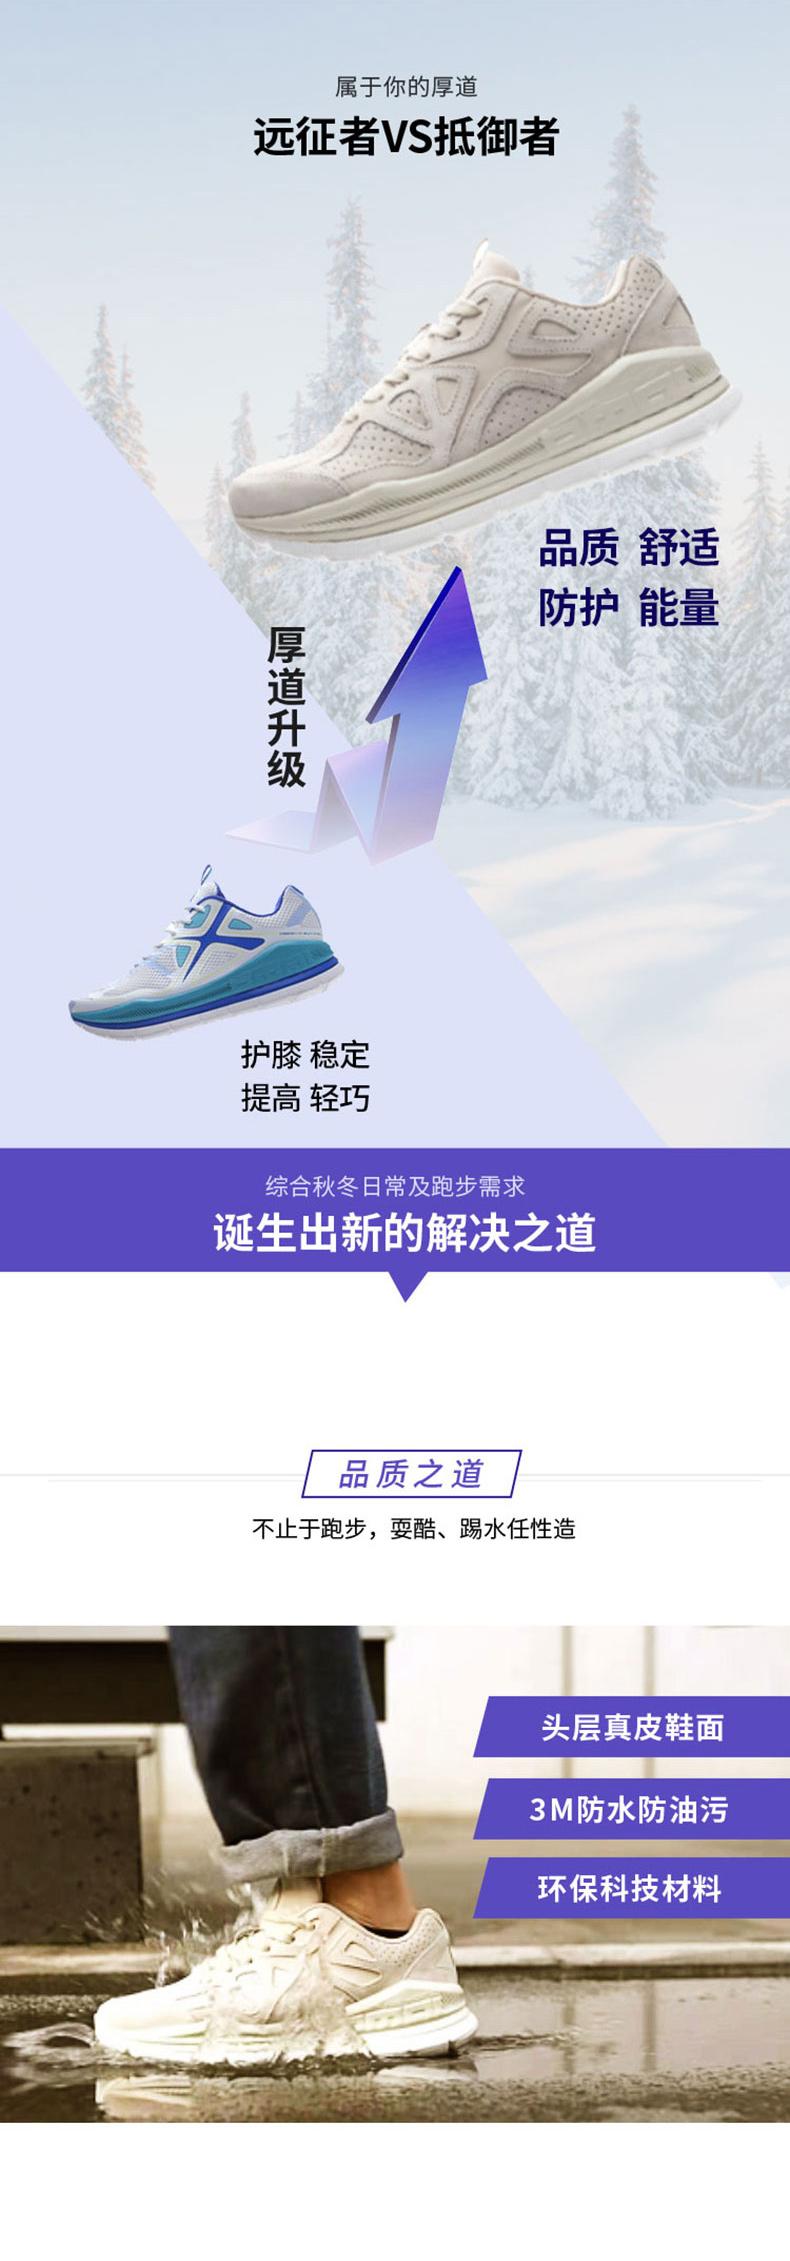 必迈 2020冬季新款 抵御者 全掌加厚 男强缓震跑步鞋 脚感更软 图4